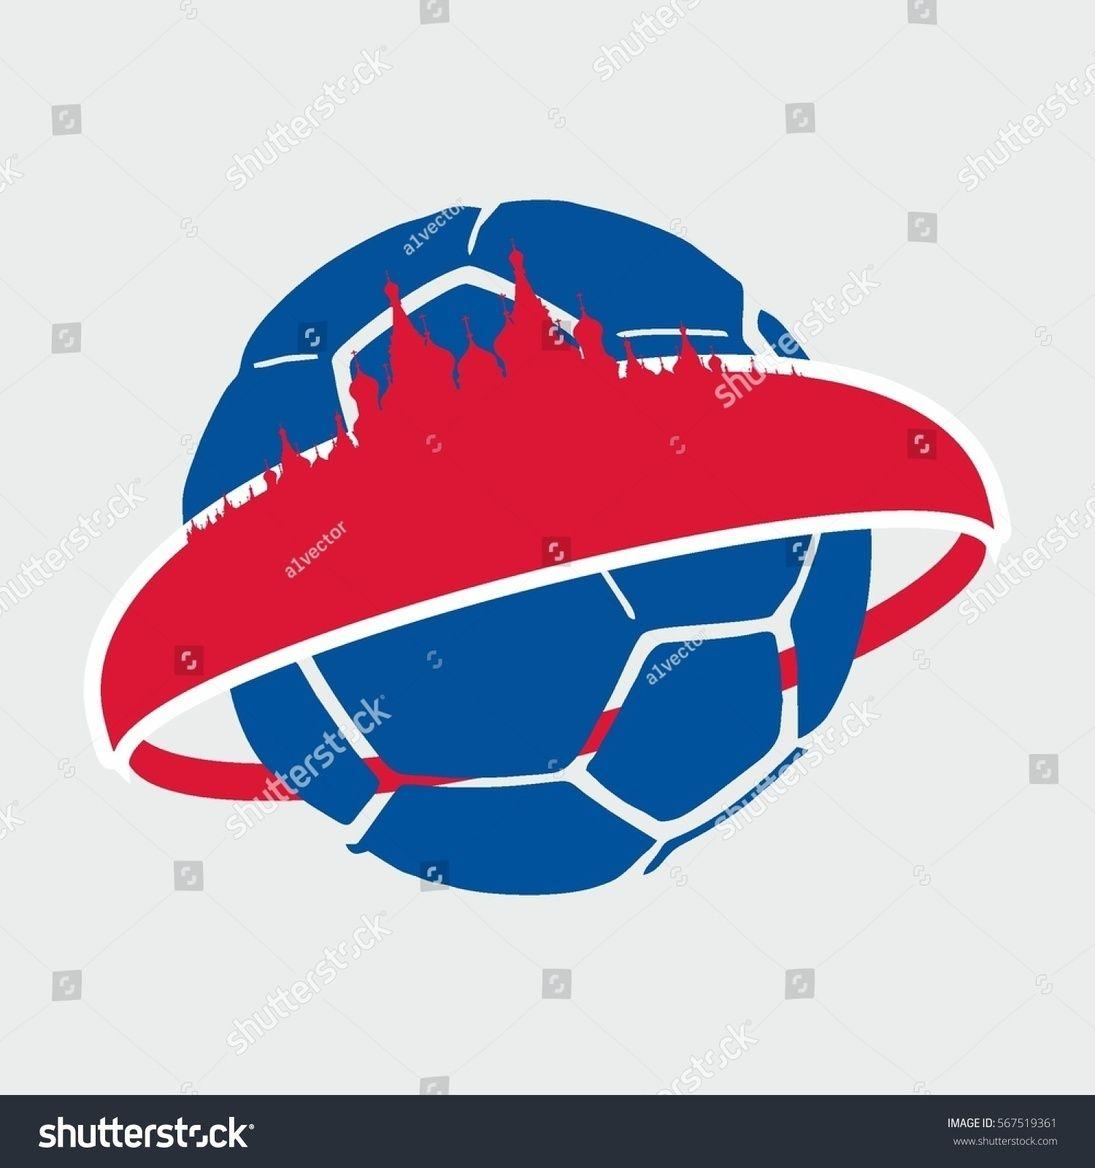 b7d2c8cffe5e9e ...  football  world  vector  pattern  league  tournament  russian  sport   design  background  ball  badge  emblem  europe  champion  championship   team